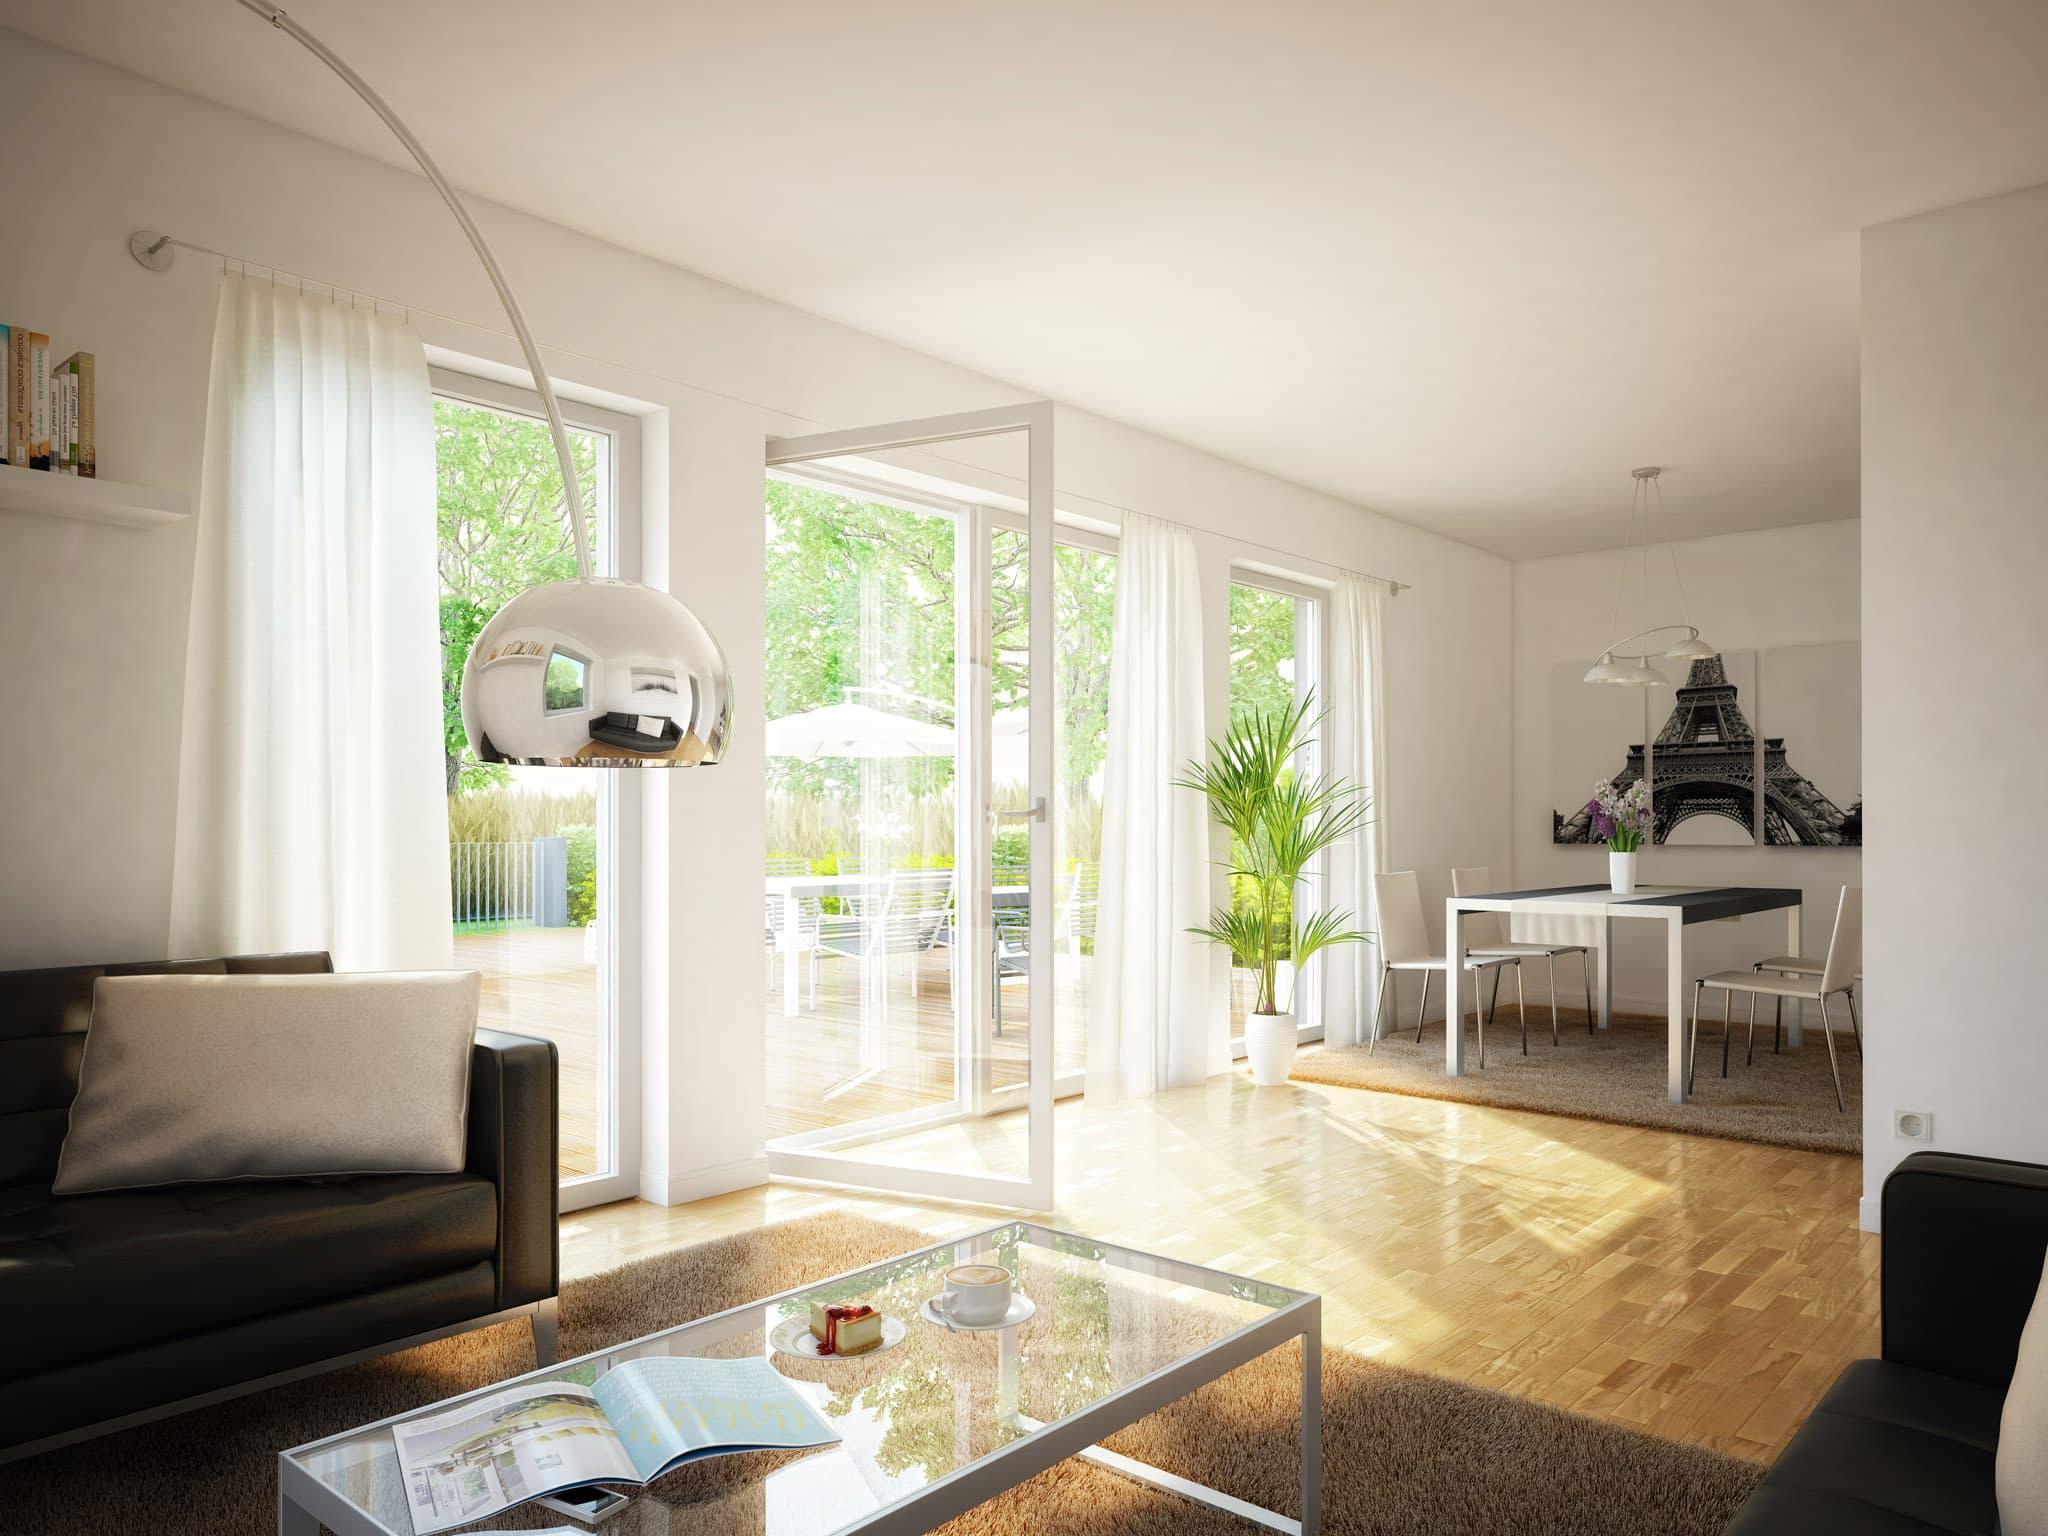 Modernes Wohnzimmer mit Essbereich - Wohnideen Inneneinrichtung Einfamilienhaus EVOLUTION 124 V3 von Bien Zenker - HausbauDirekt.de